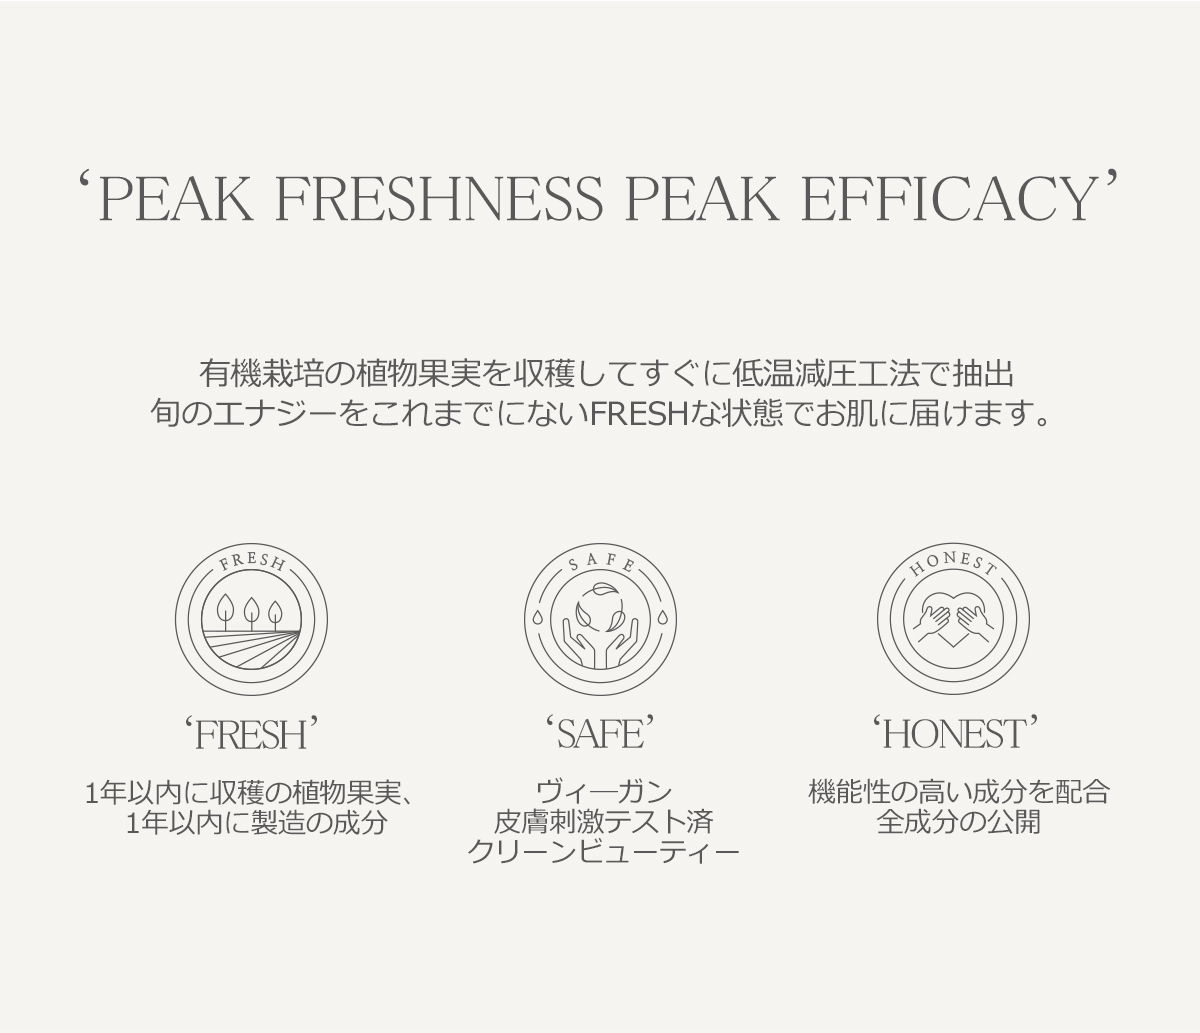 PEAK FRESHNESS PEAK EFFICACY